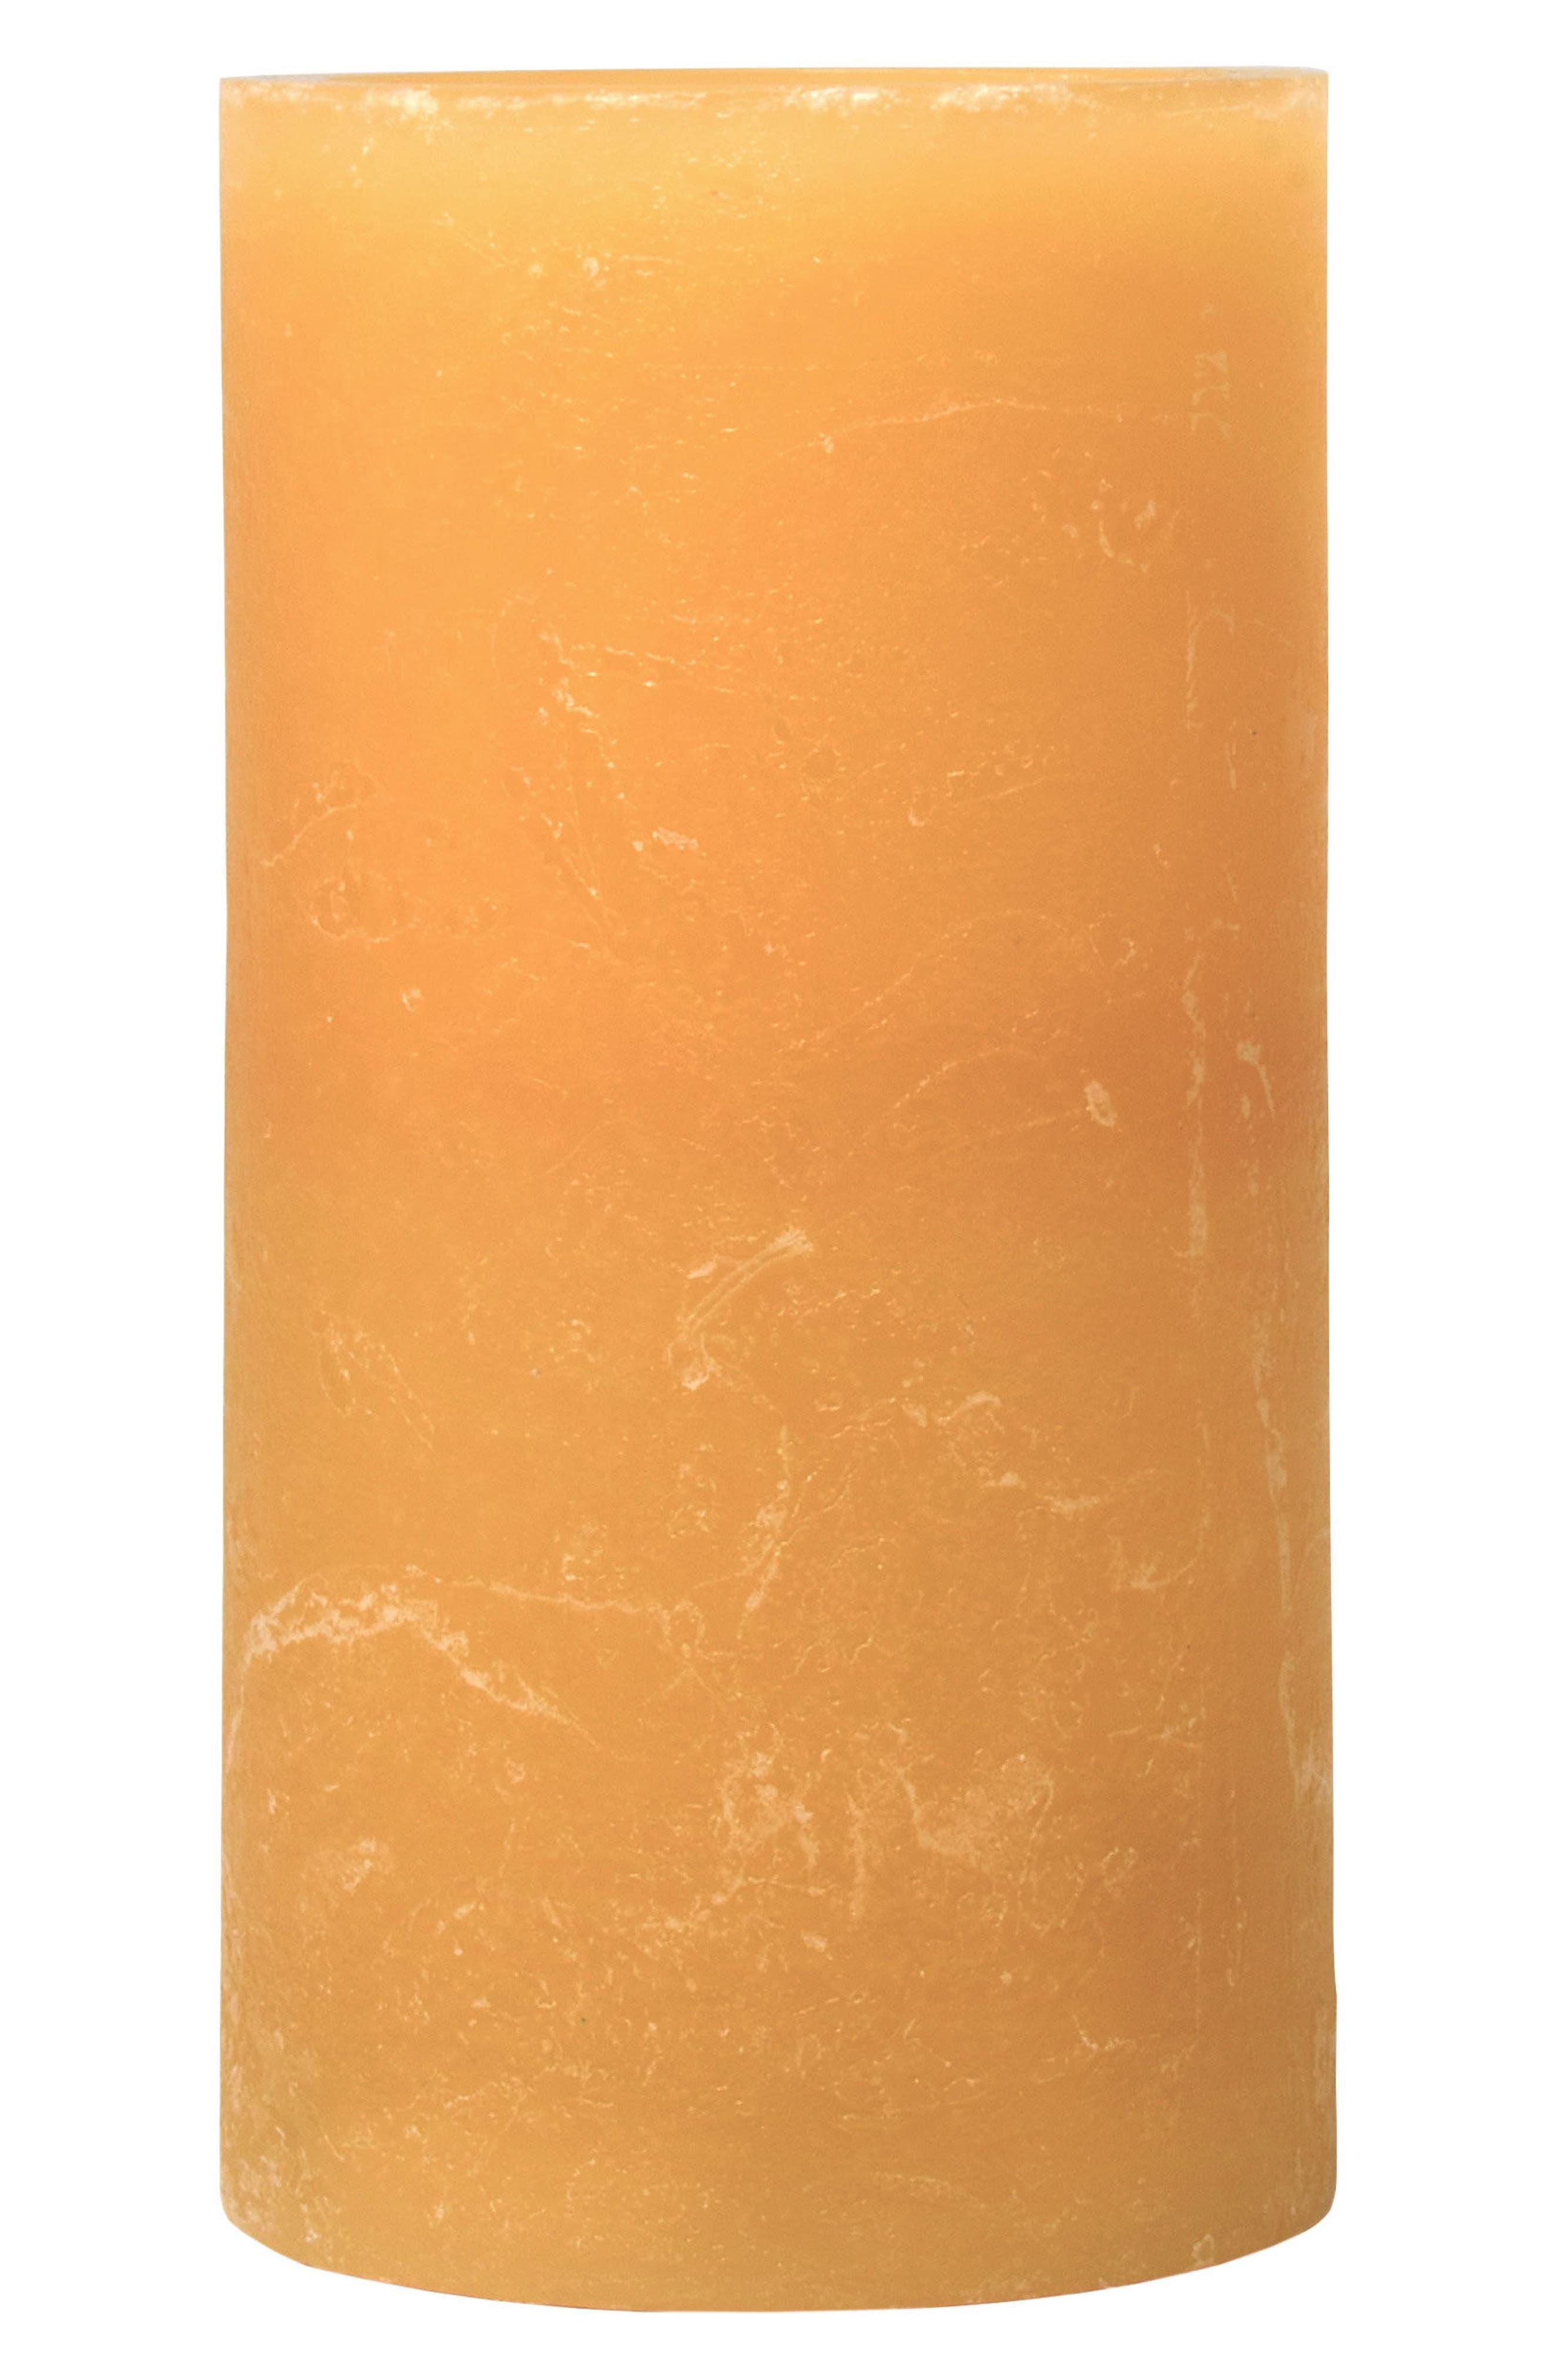 Main Image - Amazing Flameless Candle Honey Artisan Flameless Candle